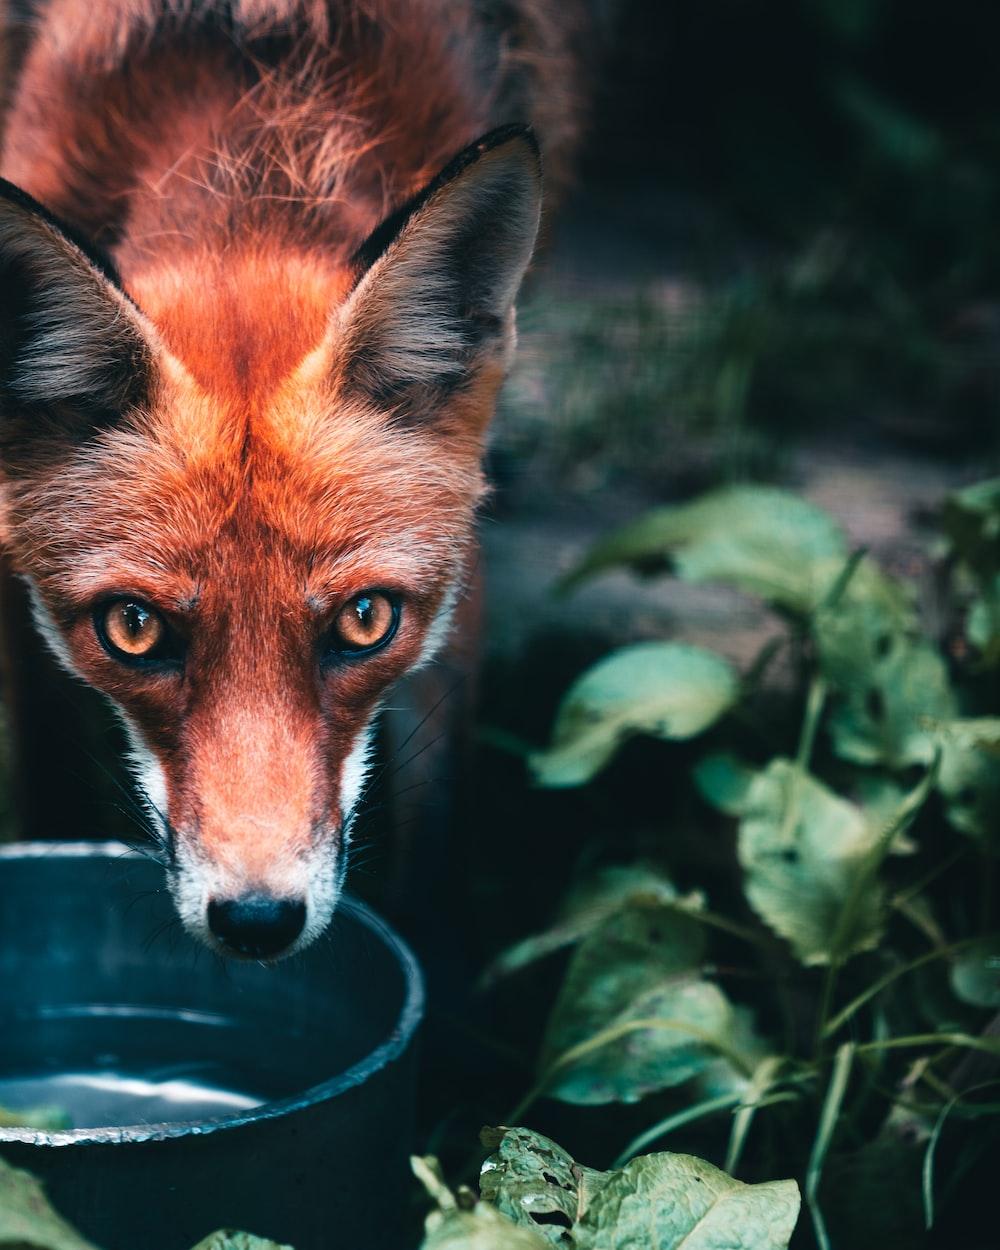 brown fox in green leaves